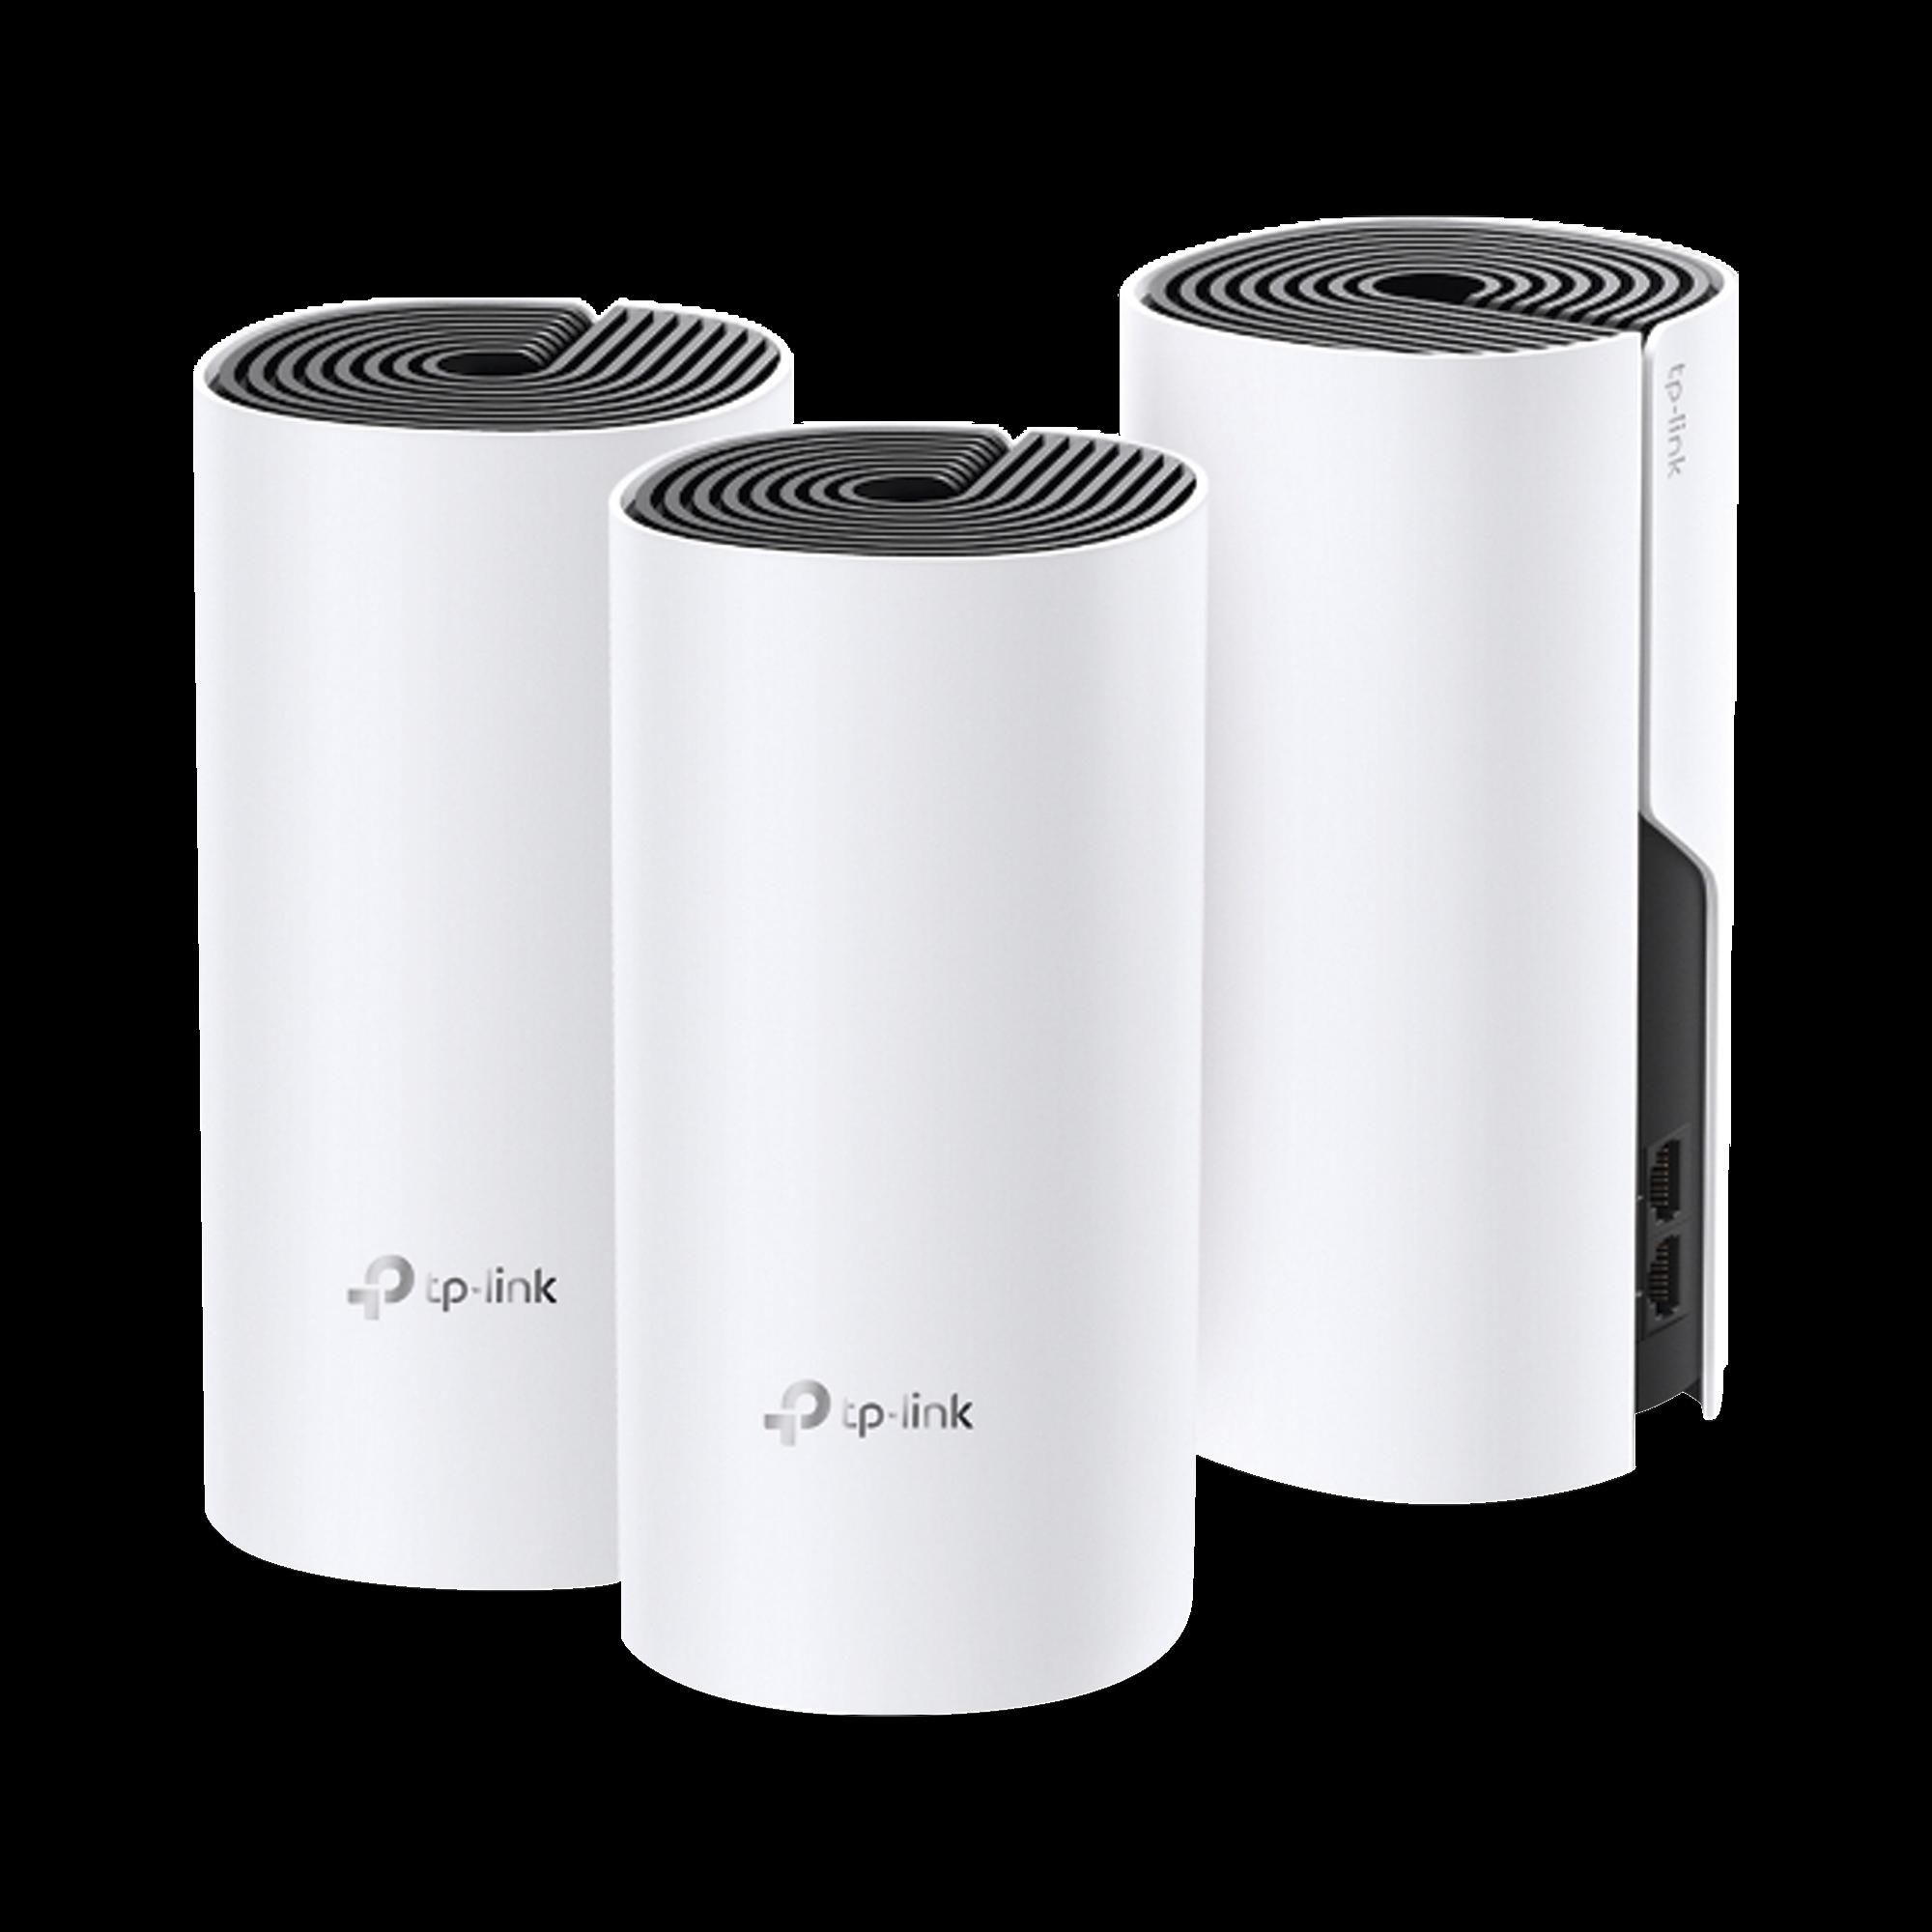 Router inalámbrico mesh para hogar, doble banda AC, doble puerto Gigabit, 2 antenas internas con seguridad.